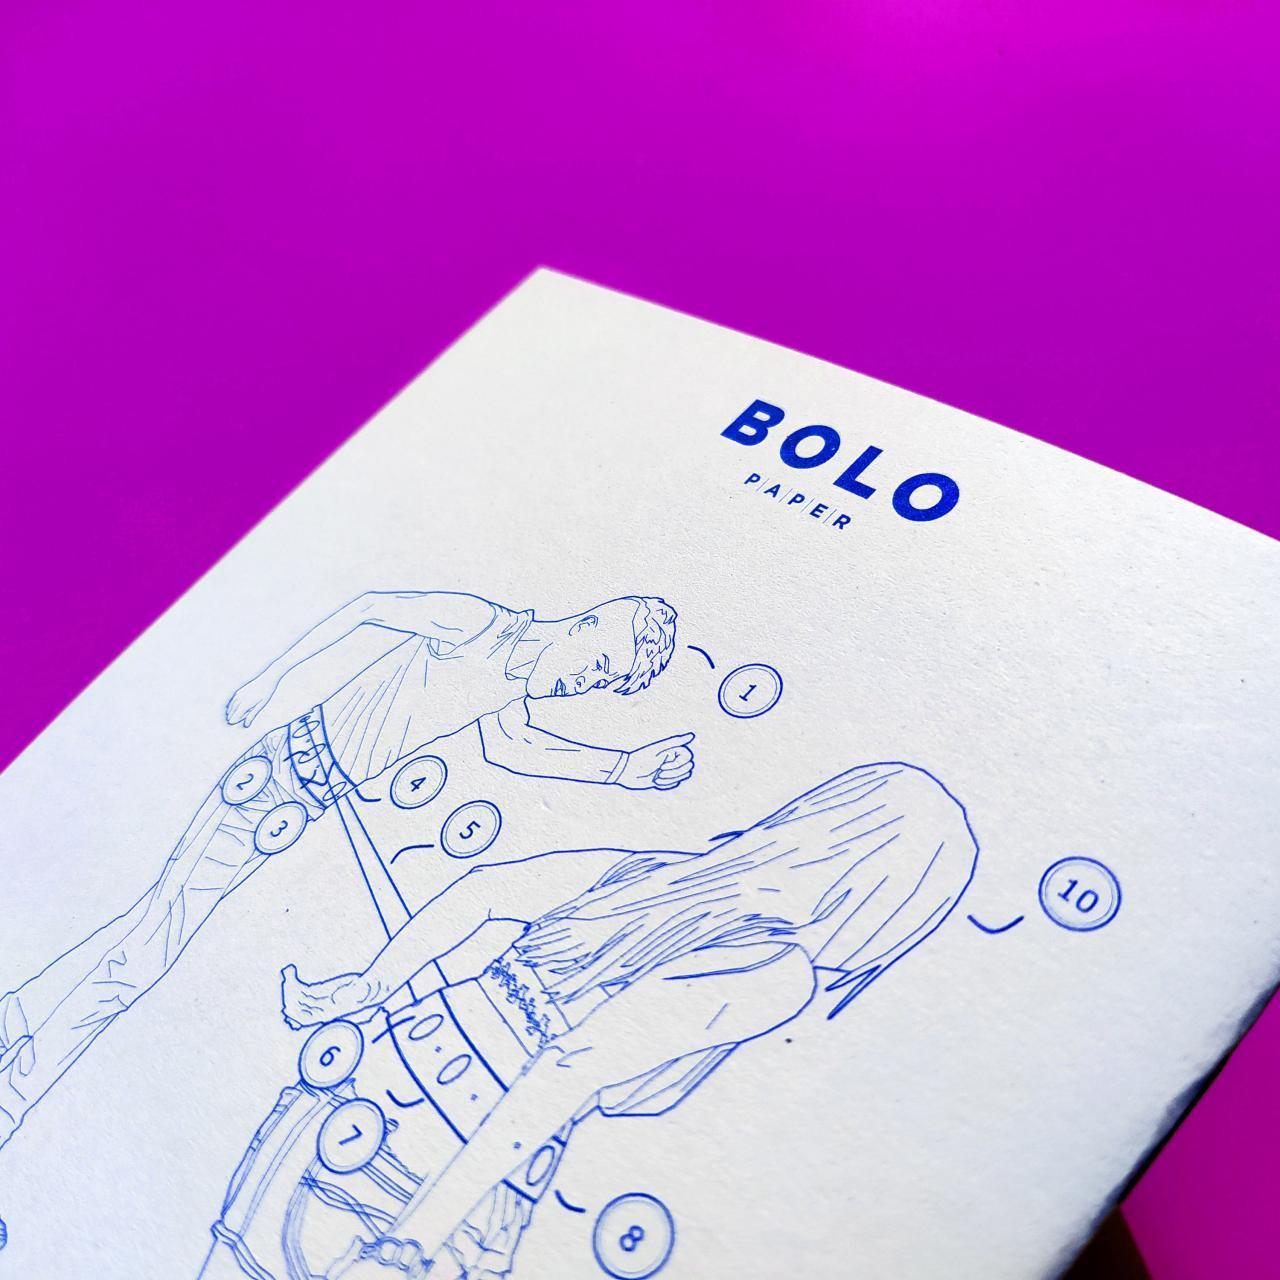 tommaso petrosino confused design ideas bolo paper 5